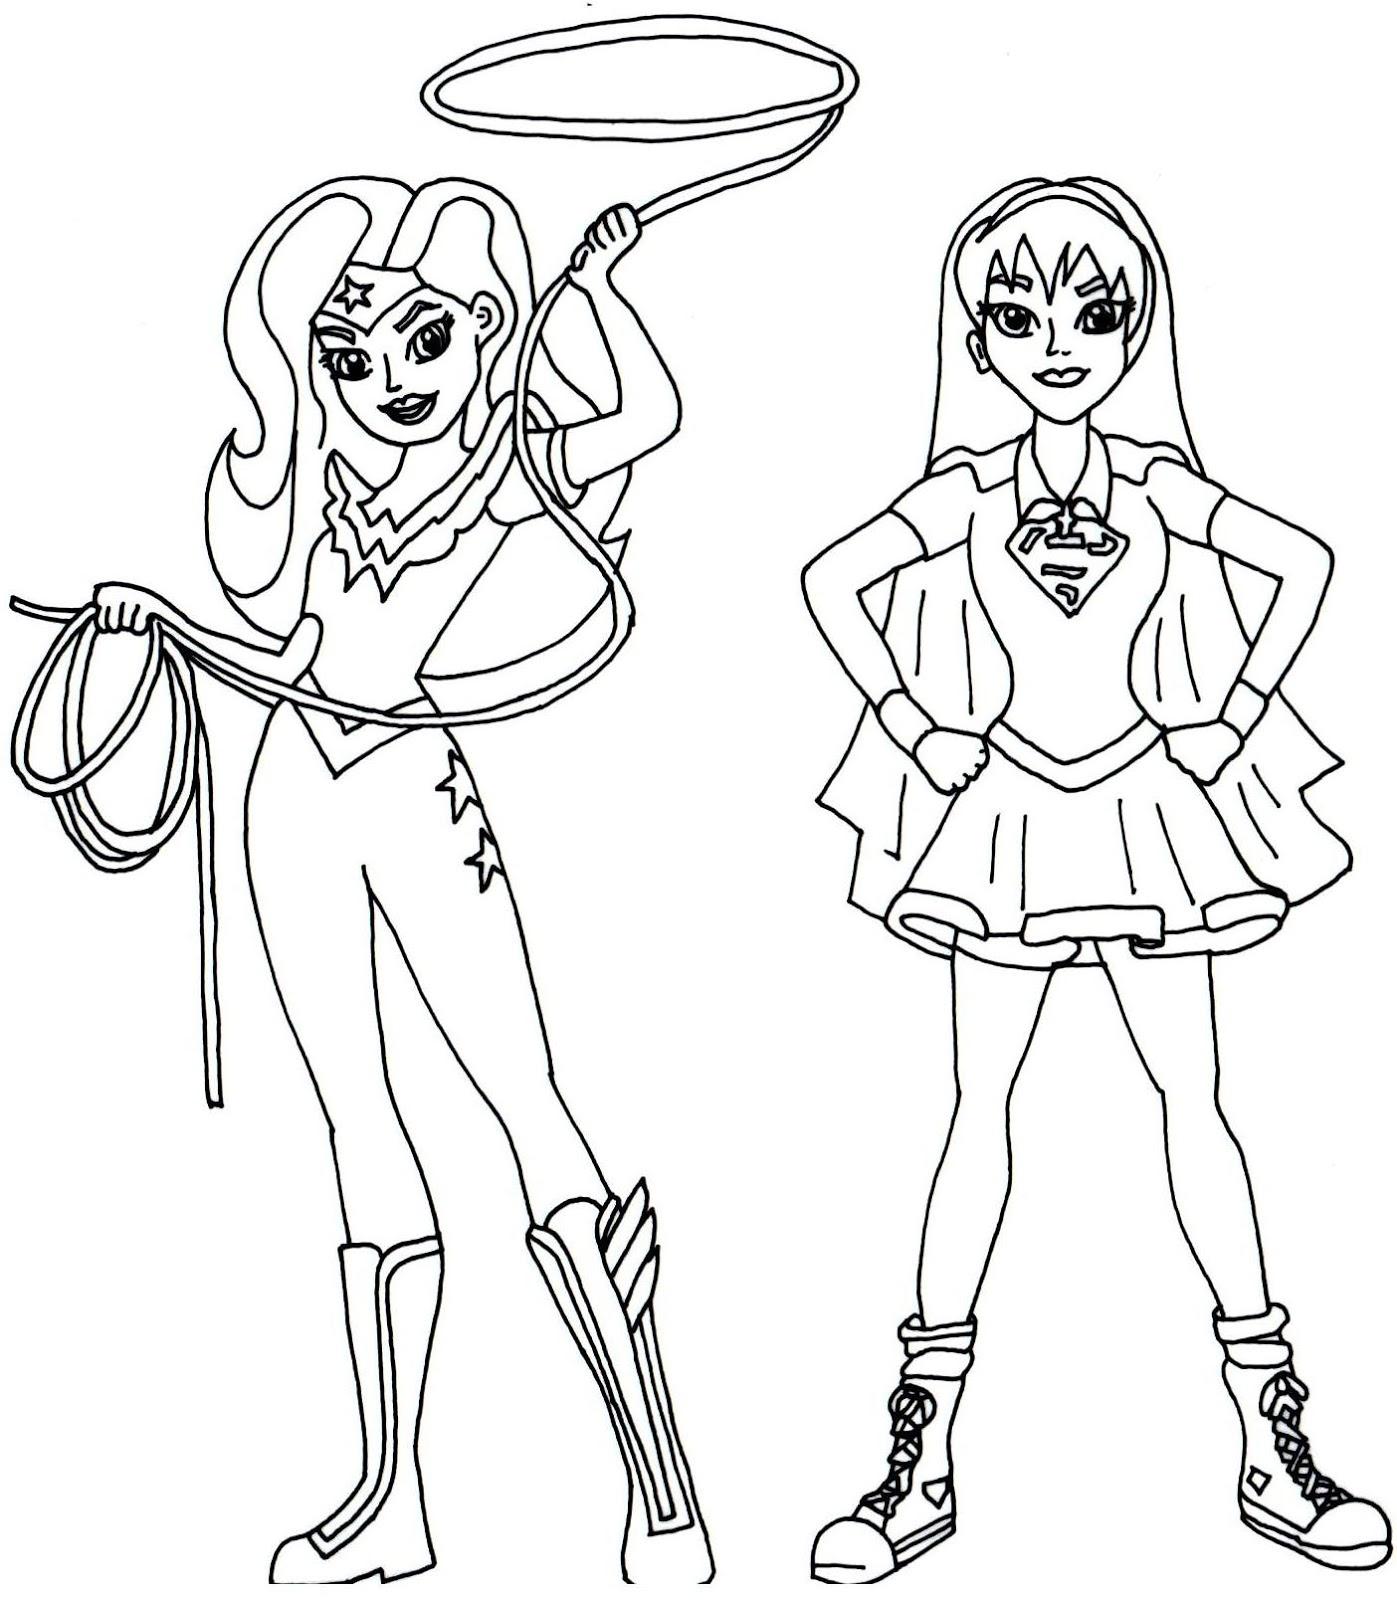 dc coloring pages - dibujos de dc super hero girls para colorear e imprimir gratis